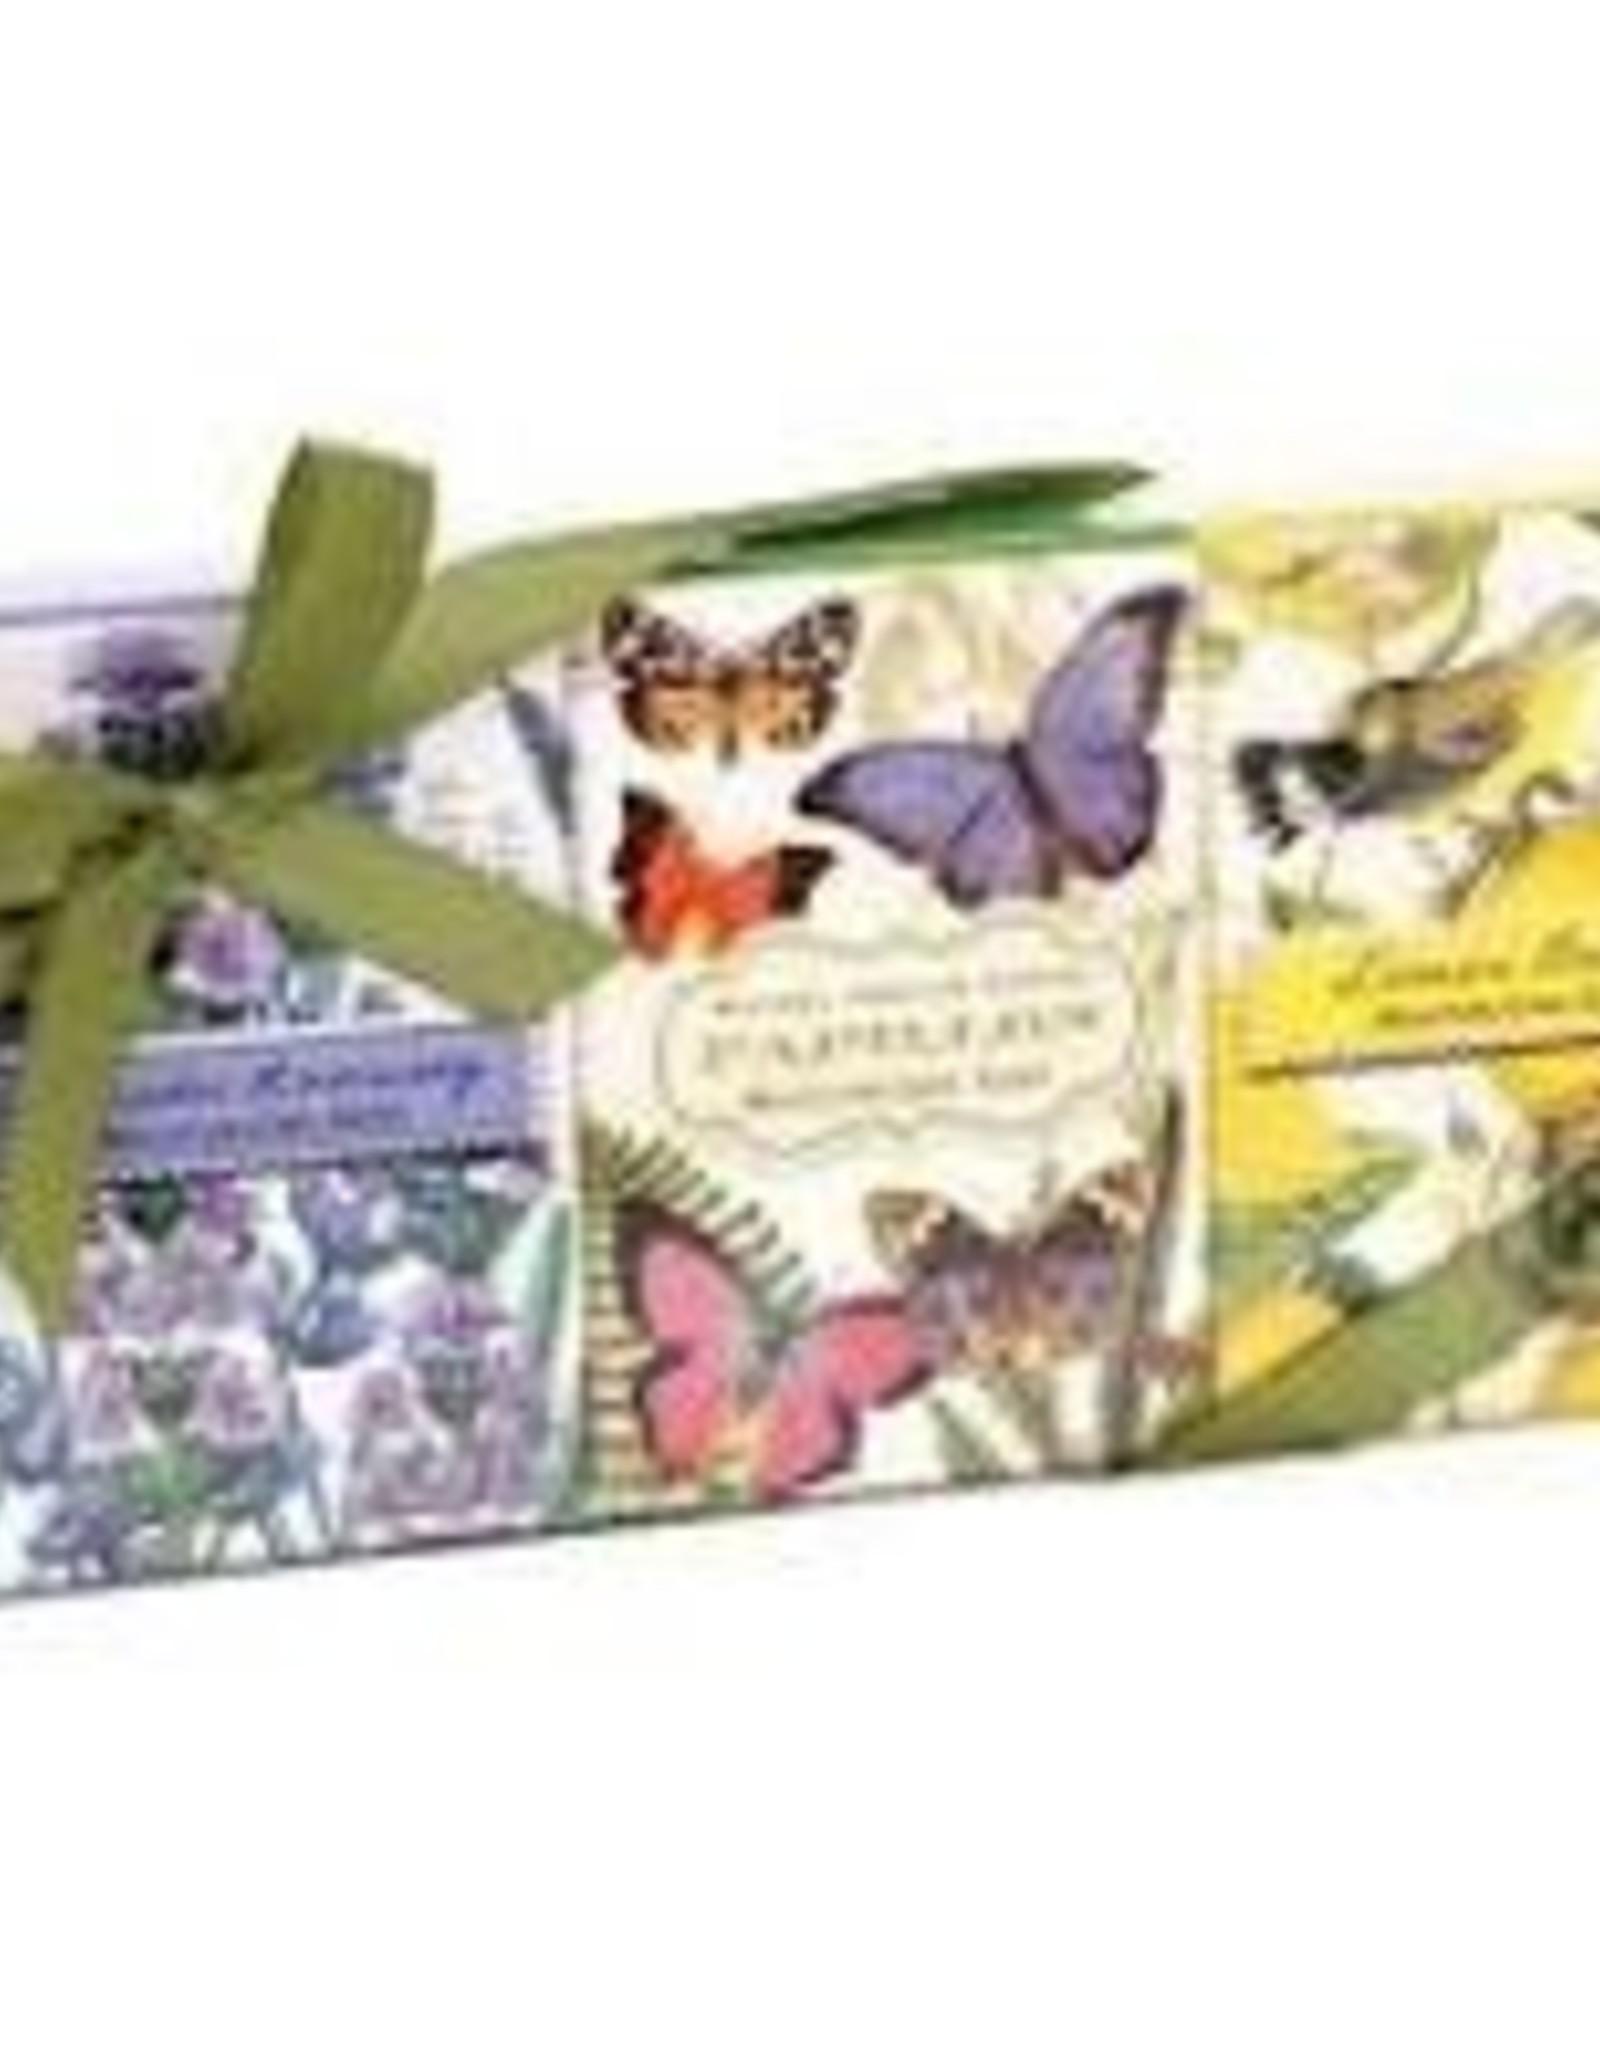 MichelDesign Works Mini Soap Set - Lav, Papillon, Lemon